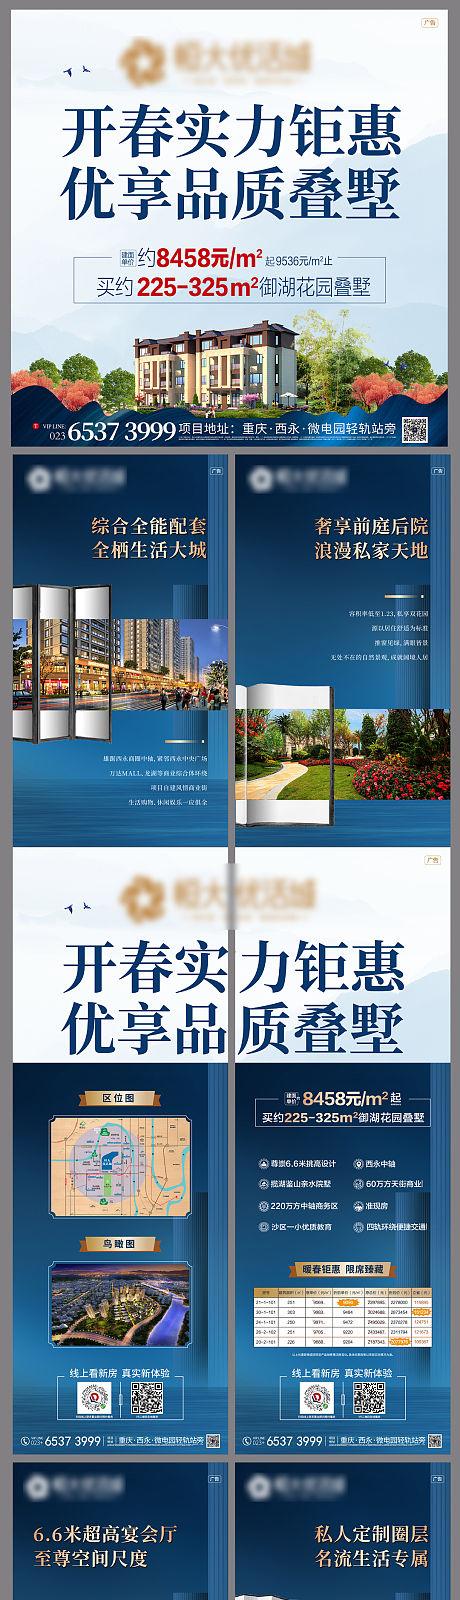 别墅优惠四宫格-源文件